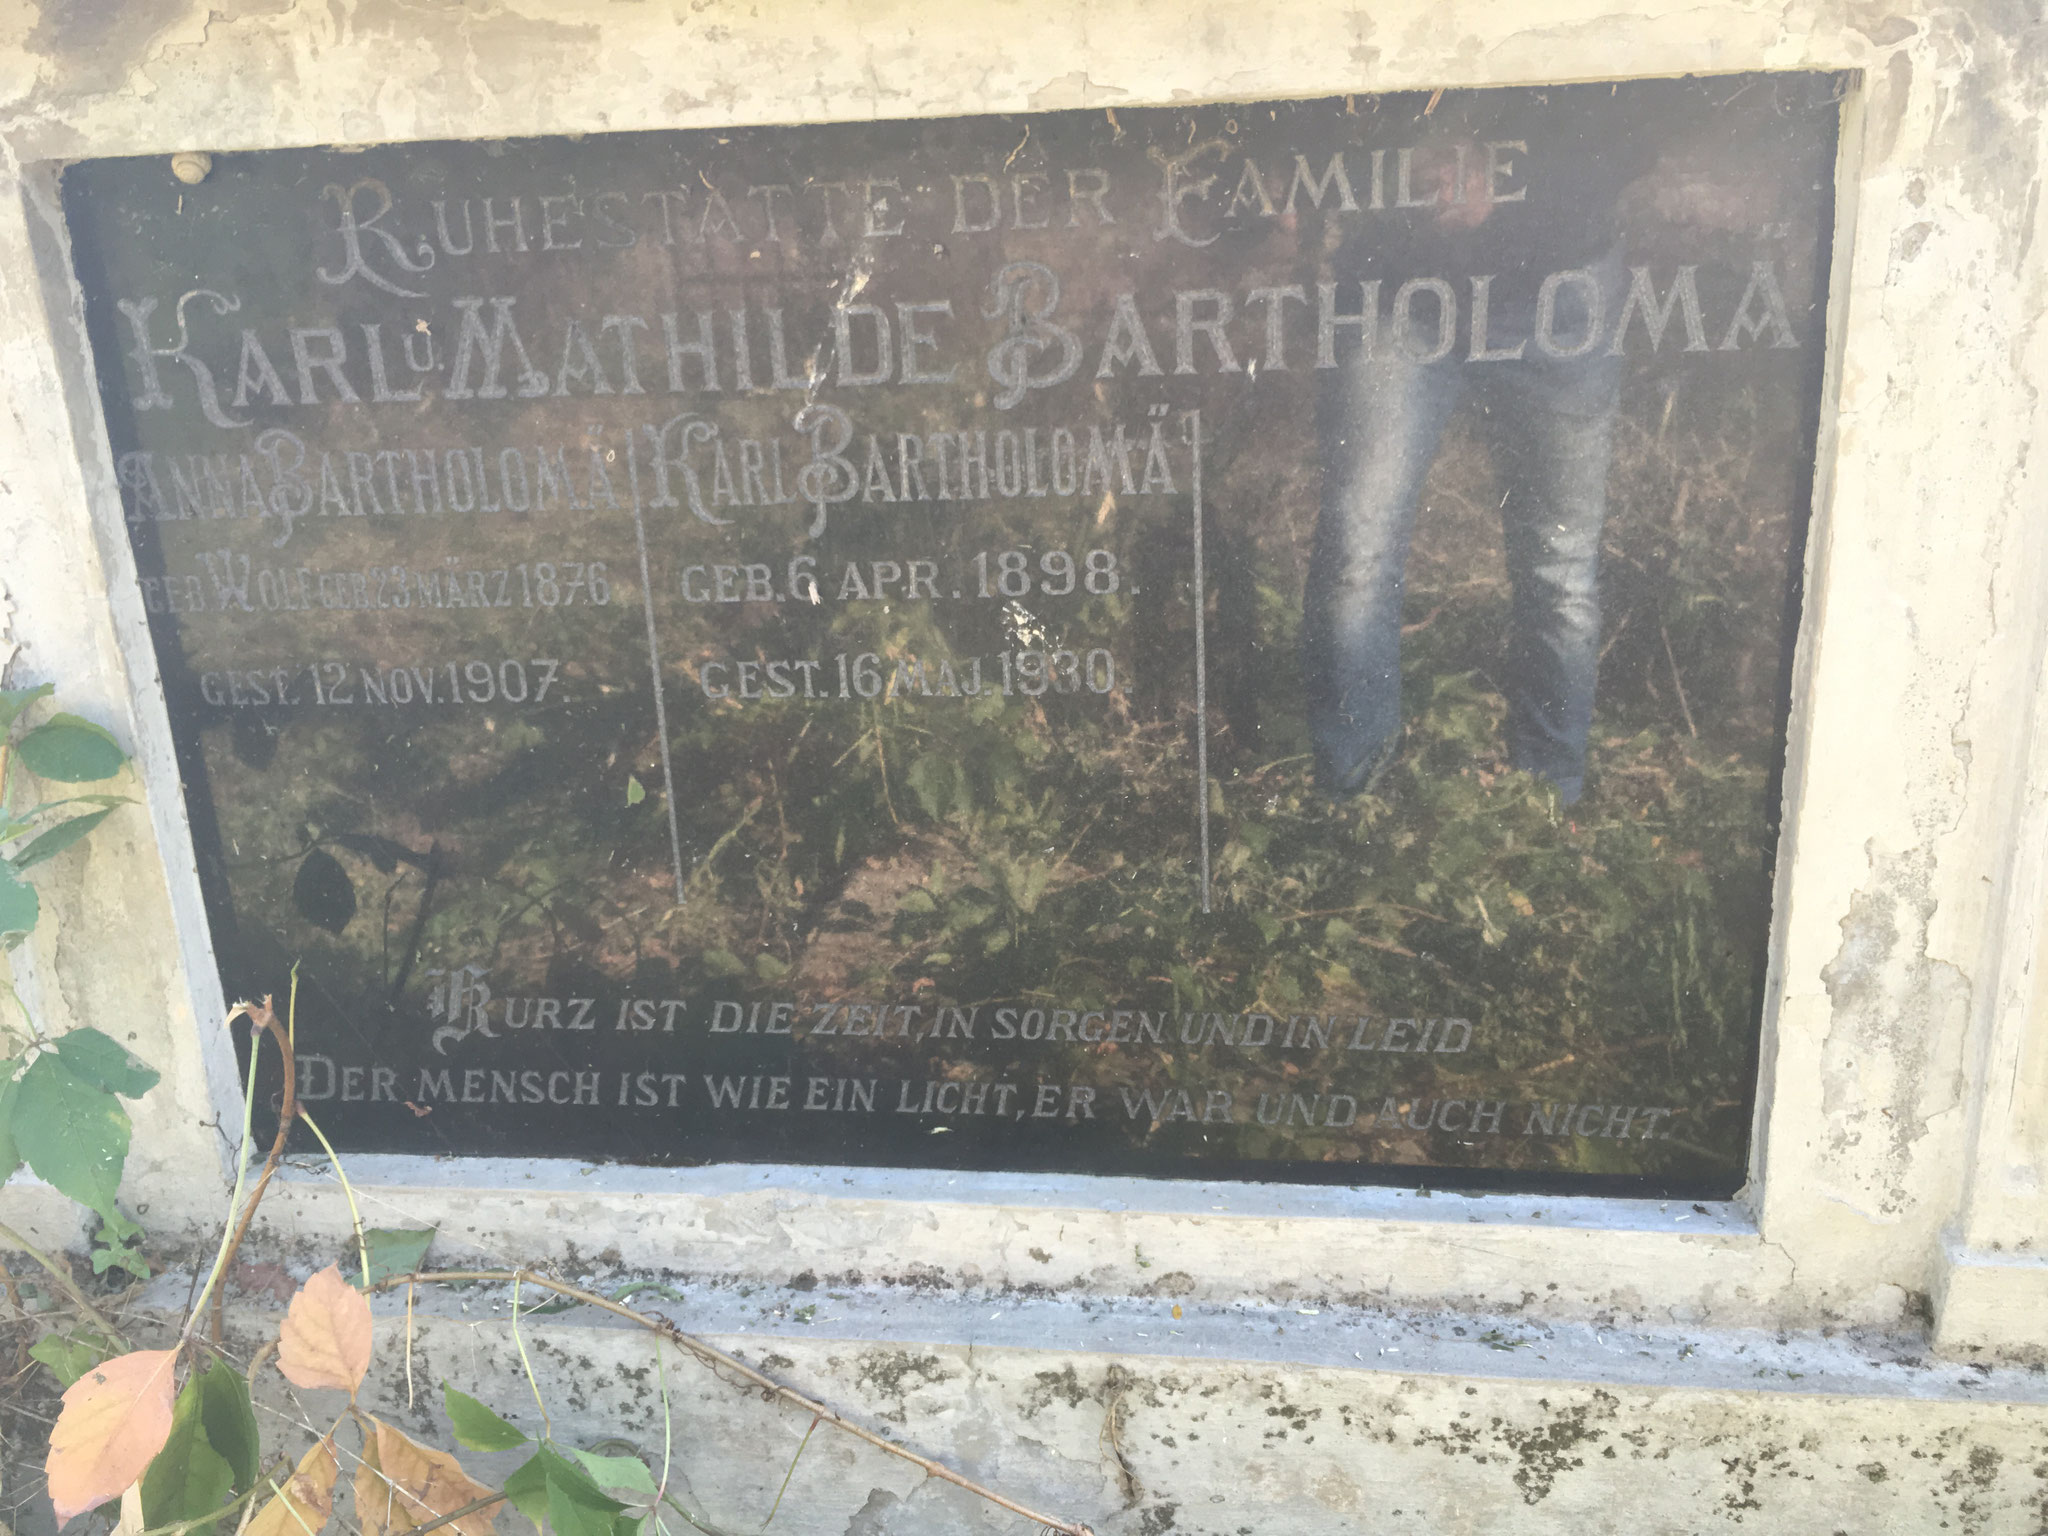 Bartholomä